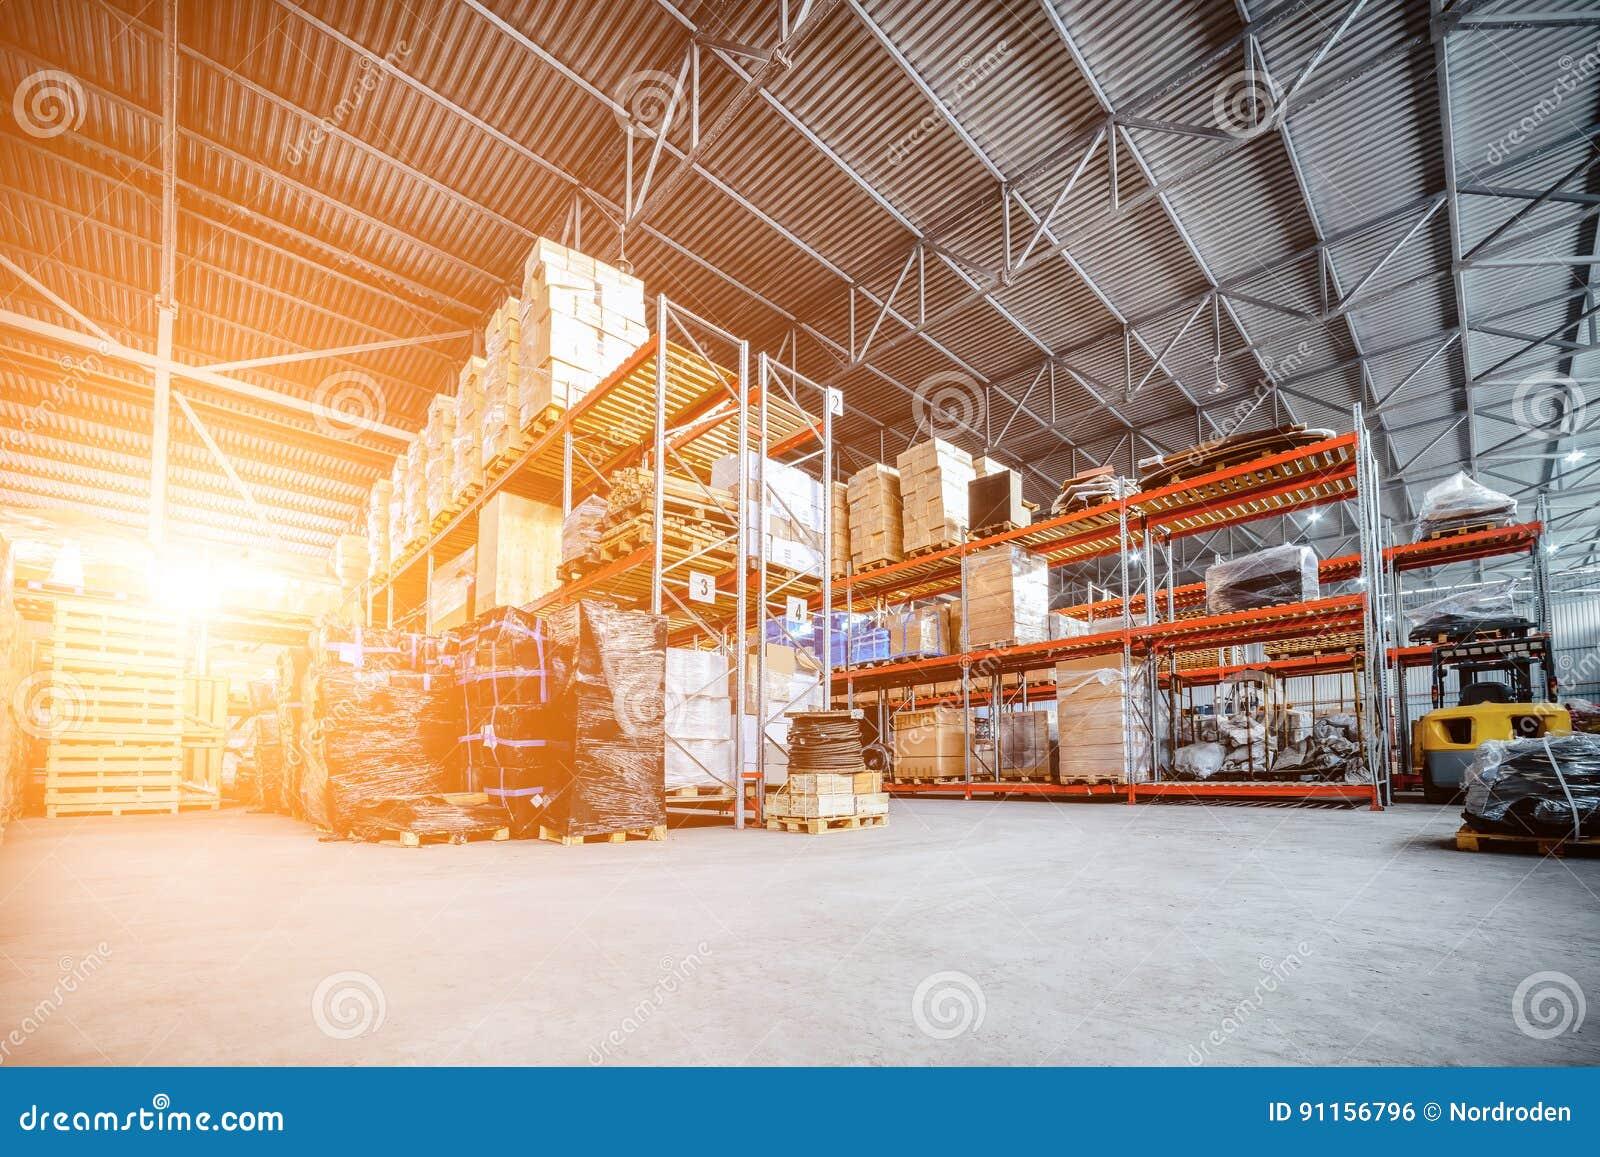 Grand entrepôt de hangar industriel et sociétés de logistique